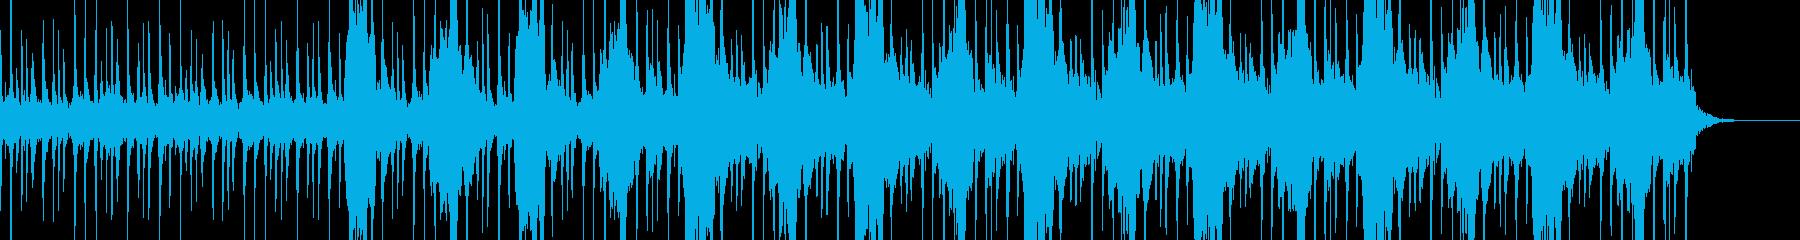 ジャングルをイメージした不思議な民族音楽の再生済みの波形